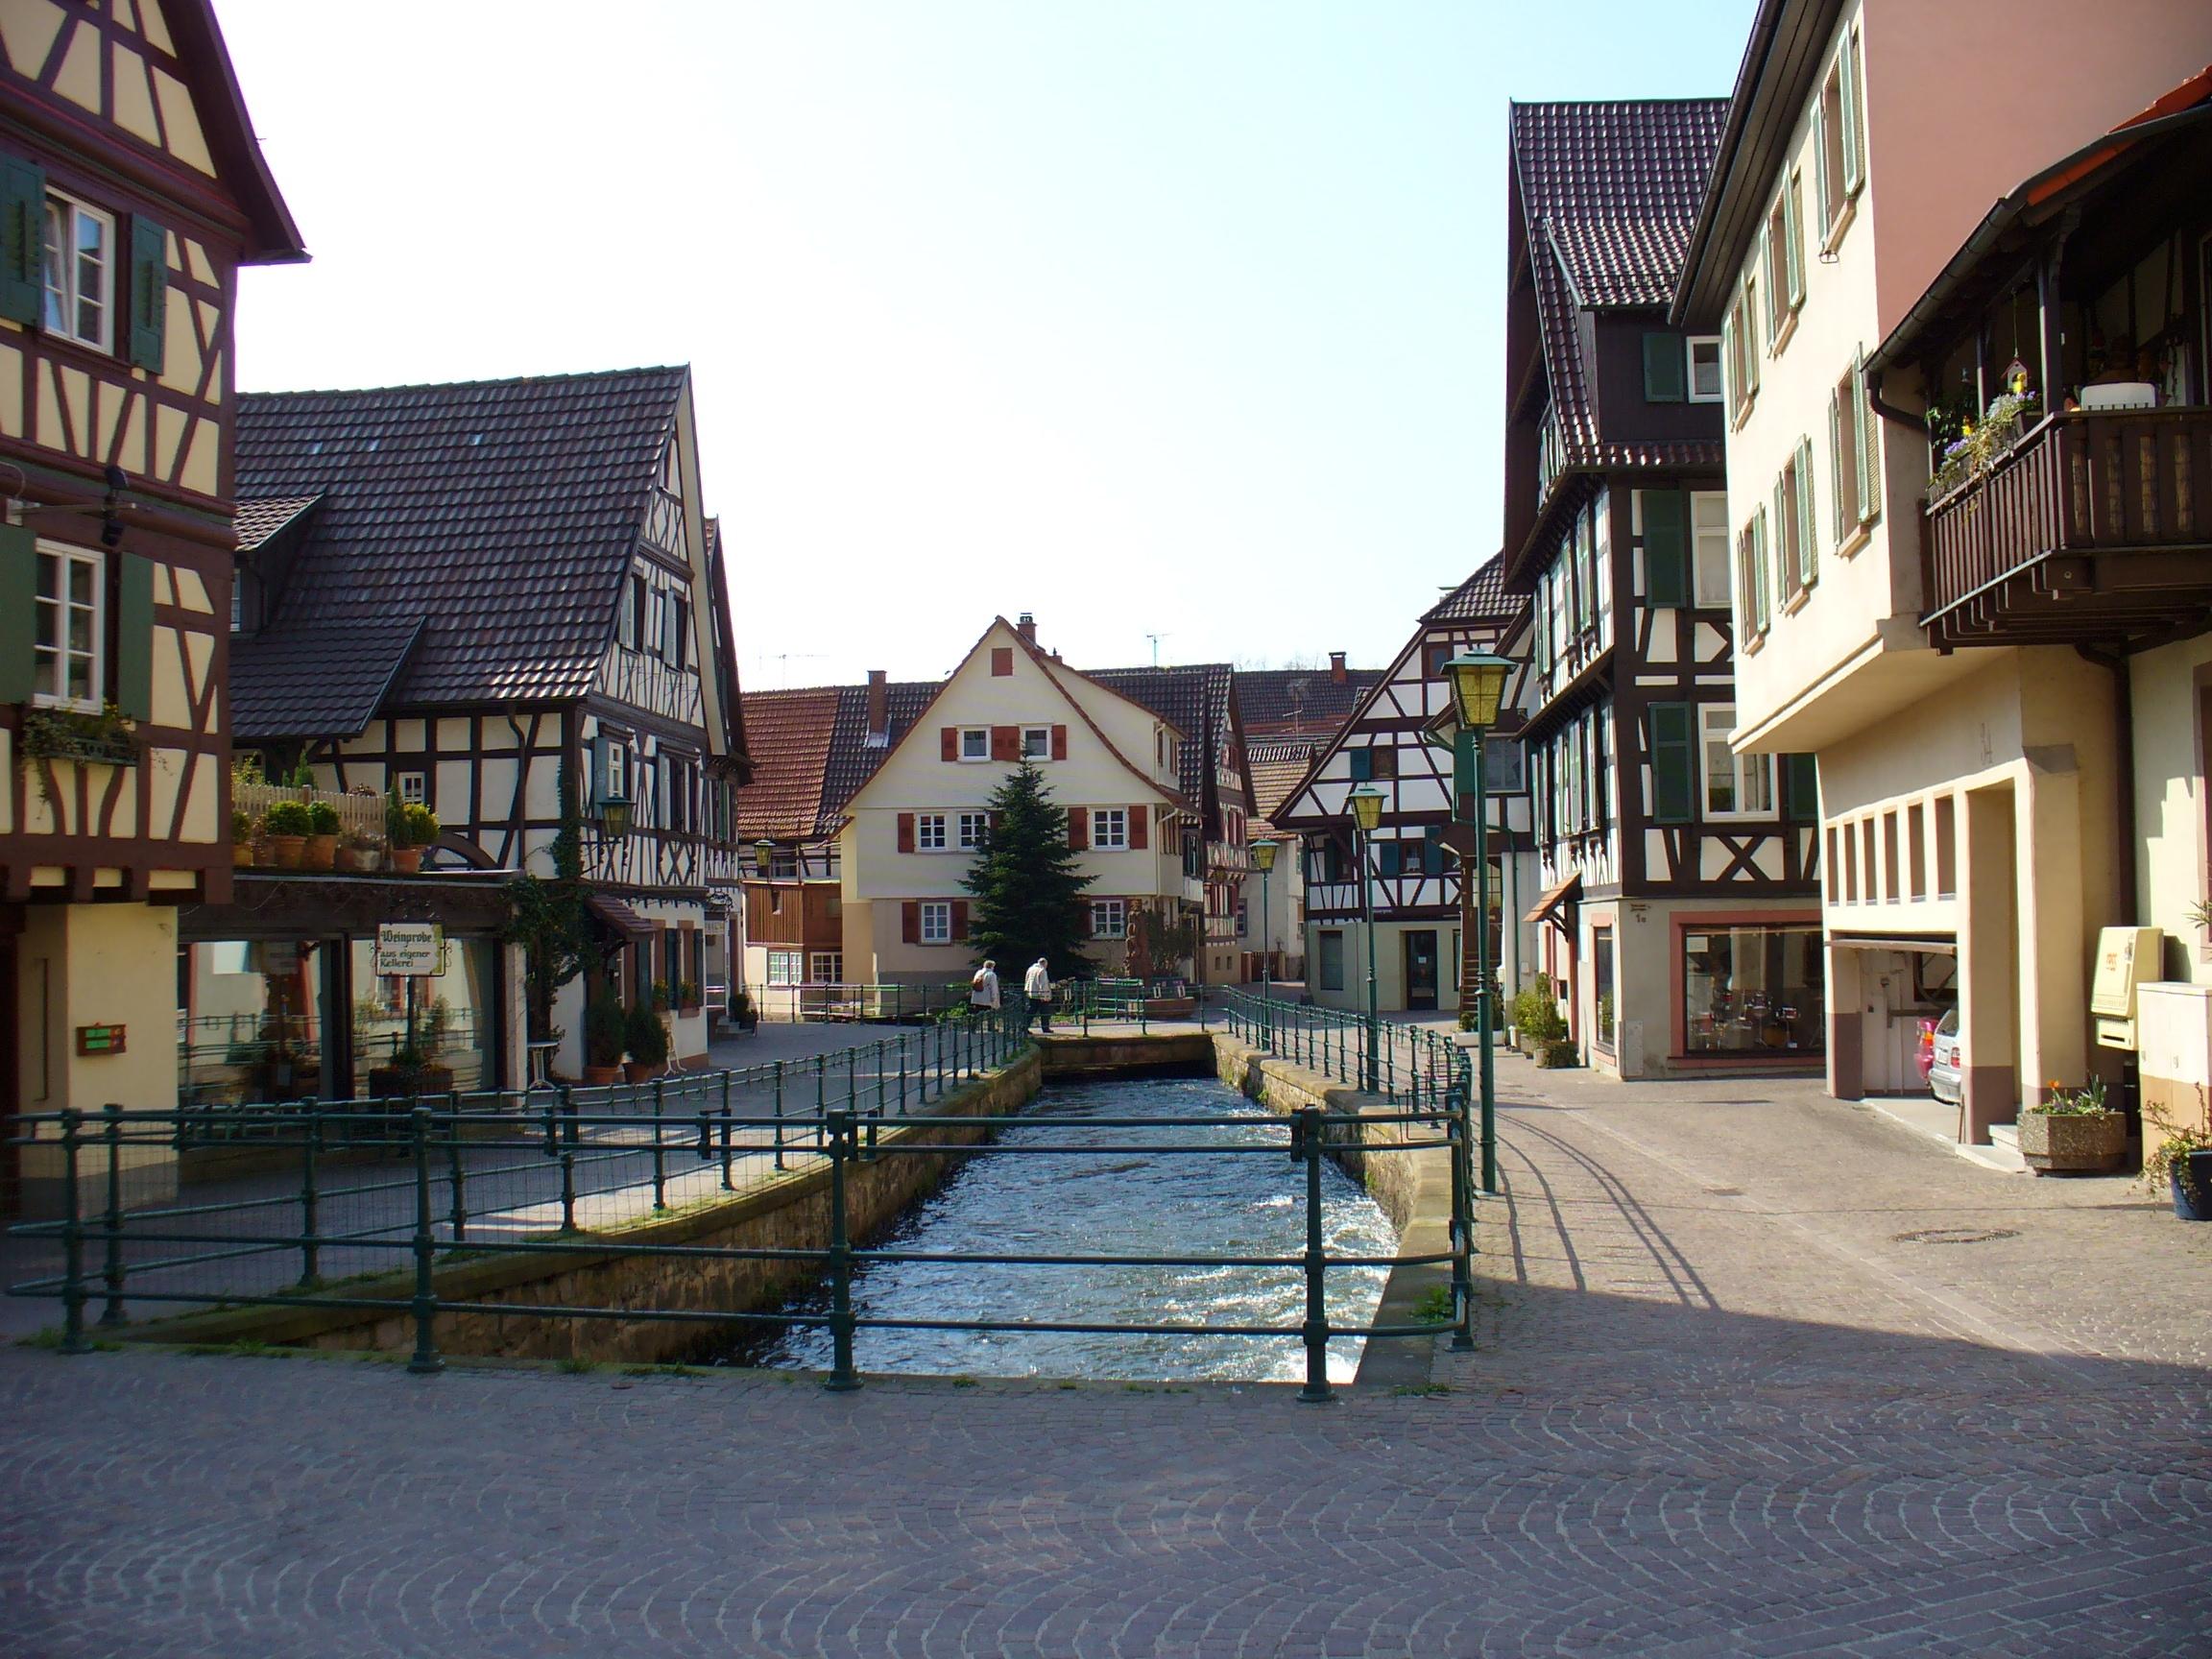 Suche Hotel In Der Nahe Von Zwickau Wildenfelser Strasse